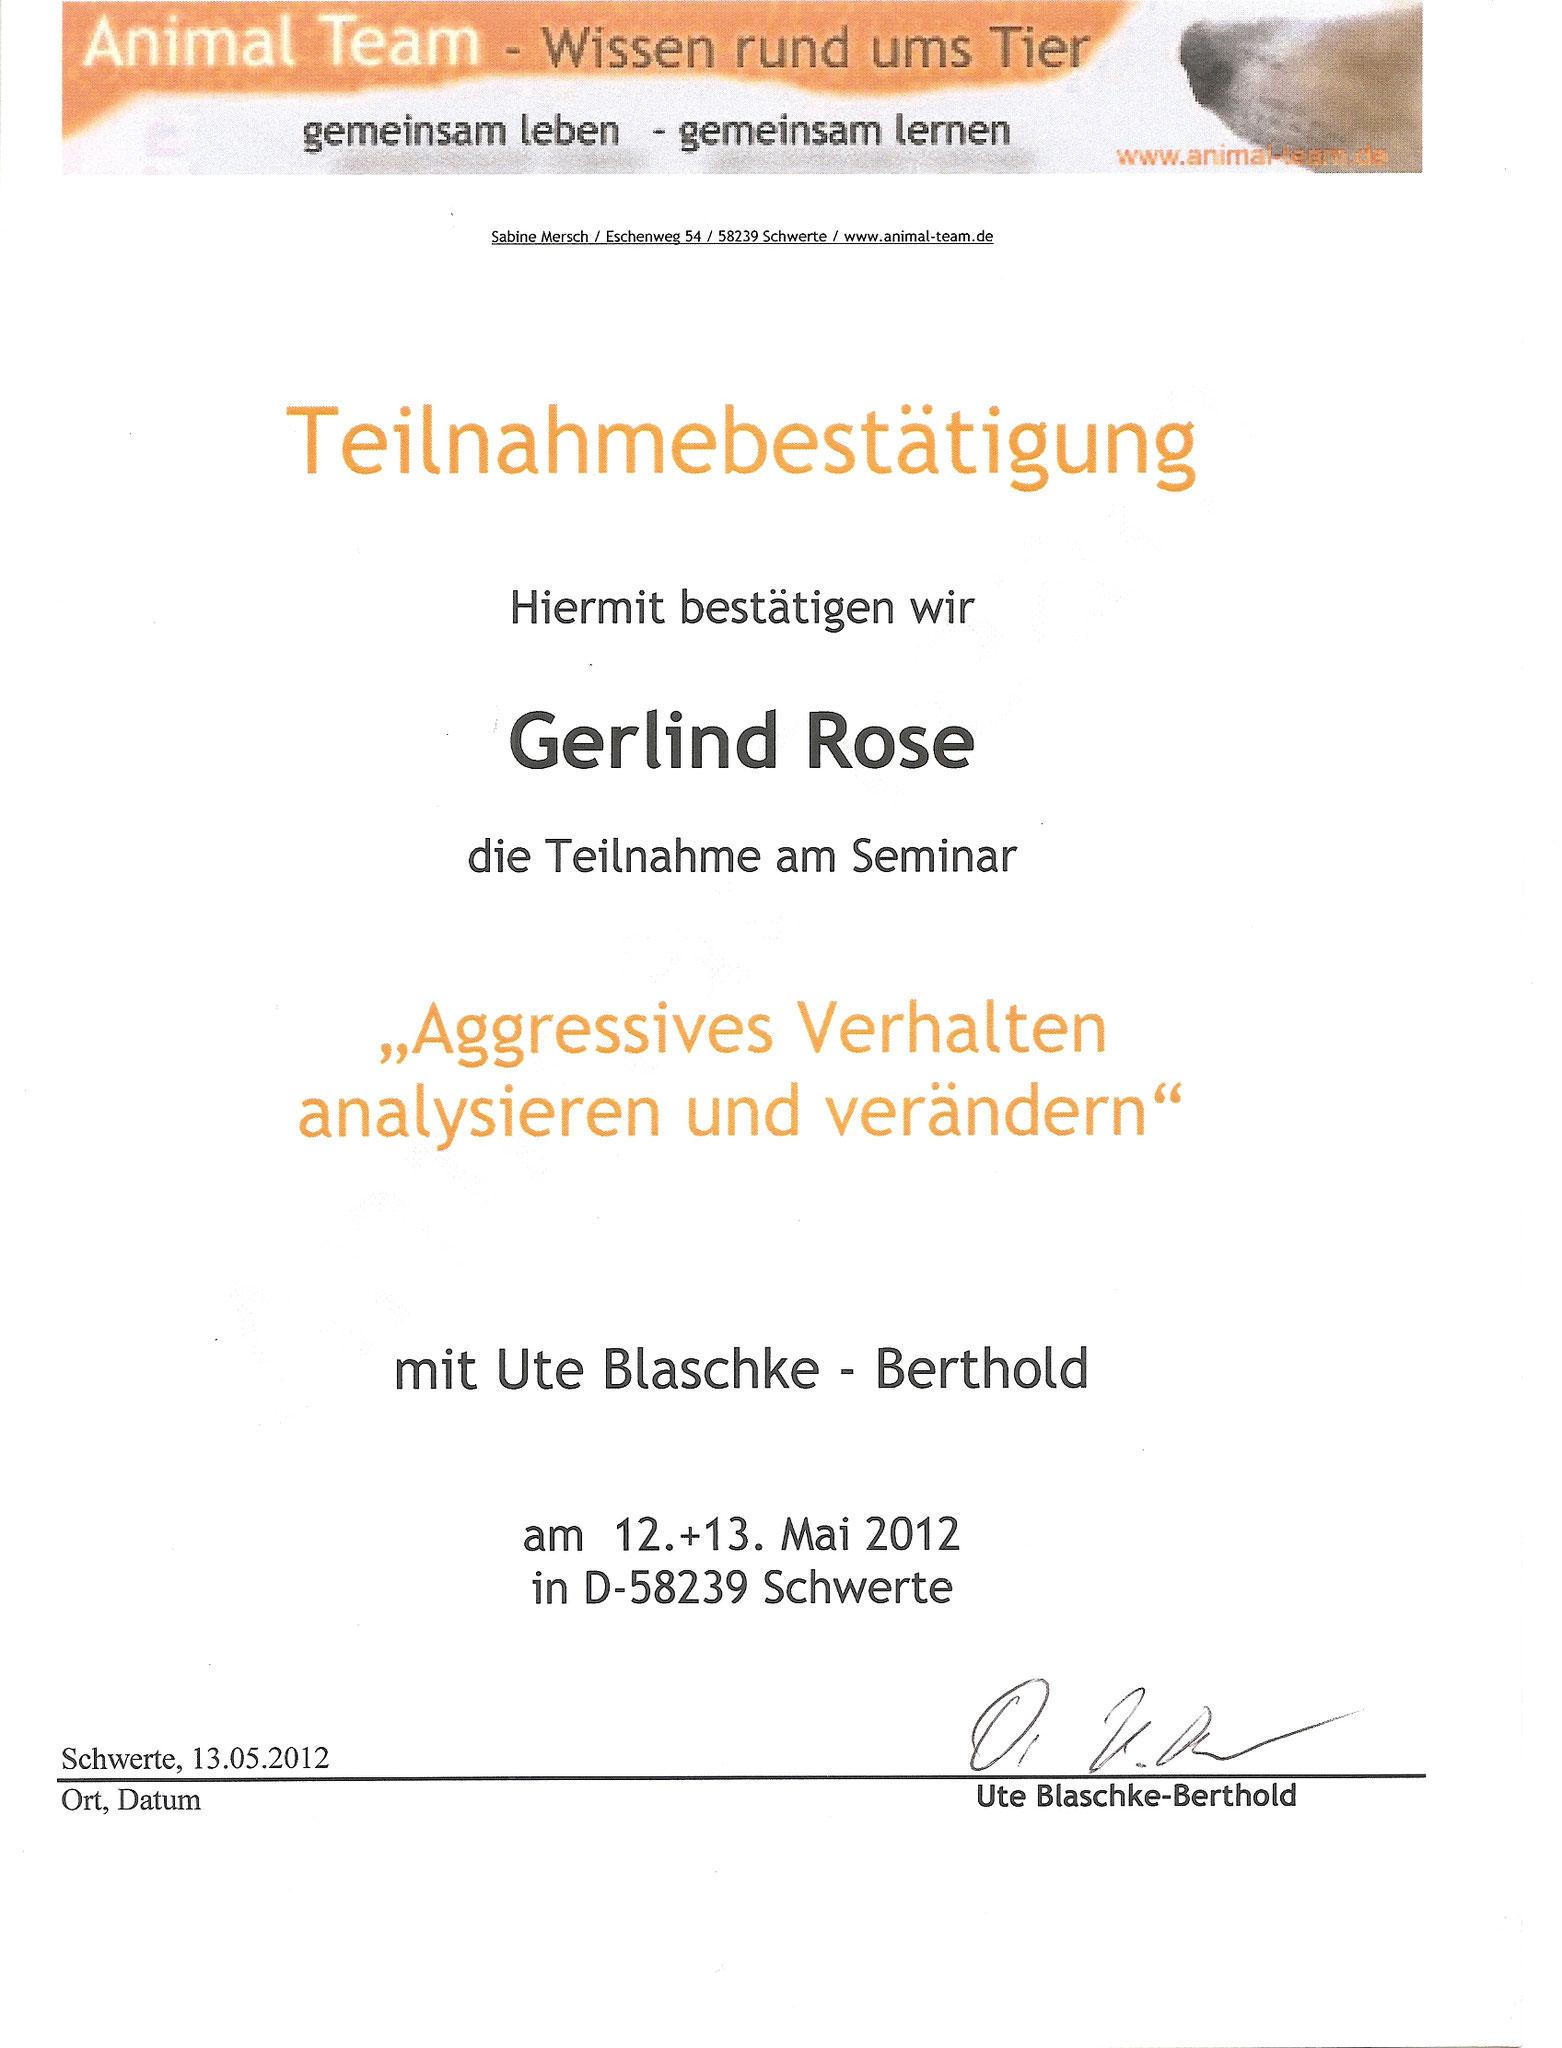 Aggressives Verhalten analysieren und verändern - Dr. U. Blaschke-Berthold